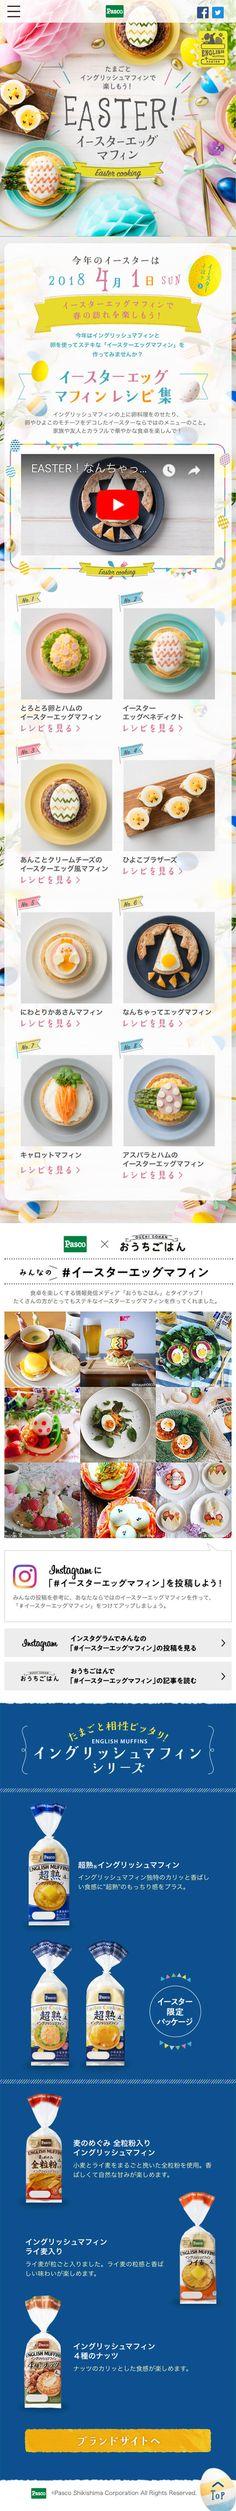 敷島製パン株式会社様の「イースターエッグマフィン」のスマホランディングページ(LP)かわいい系 食品 #LP #ランディングページ #ランペ #イースターエッグマフィン